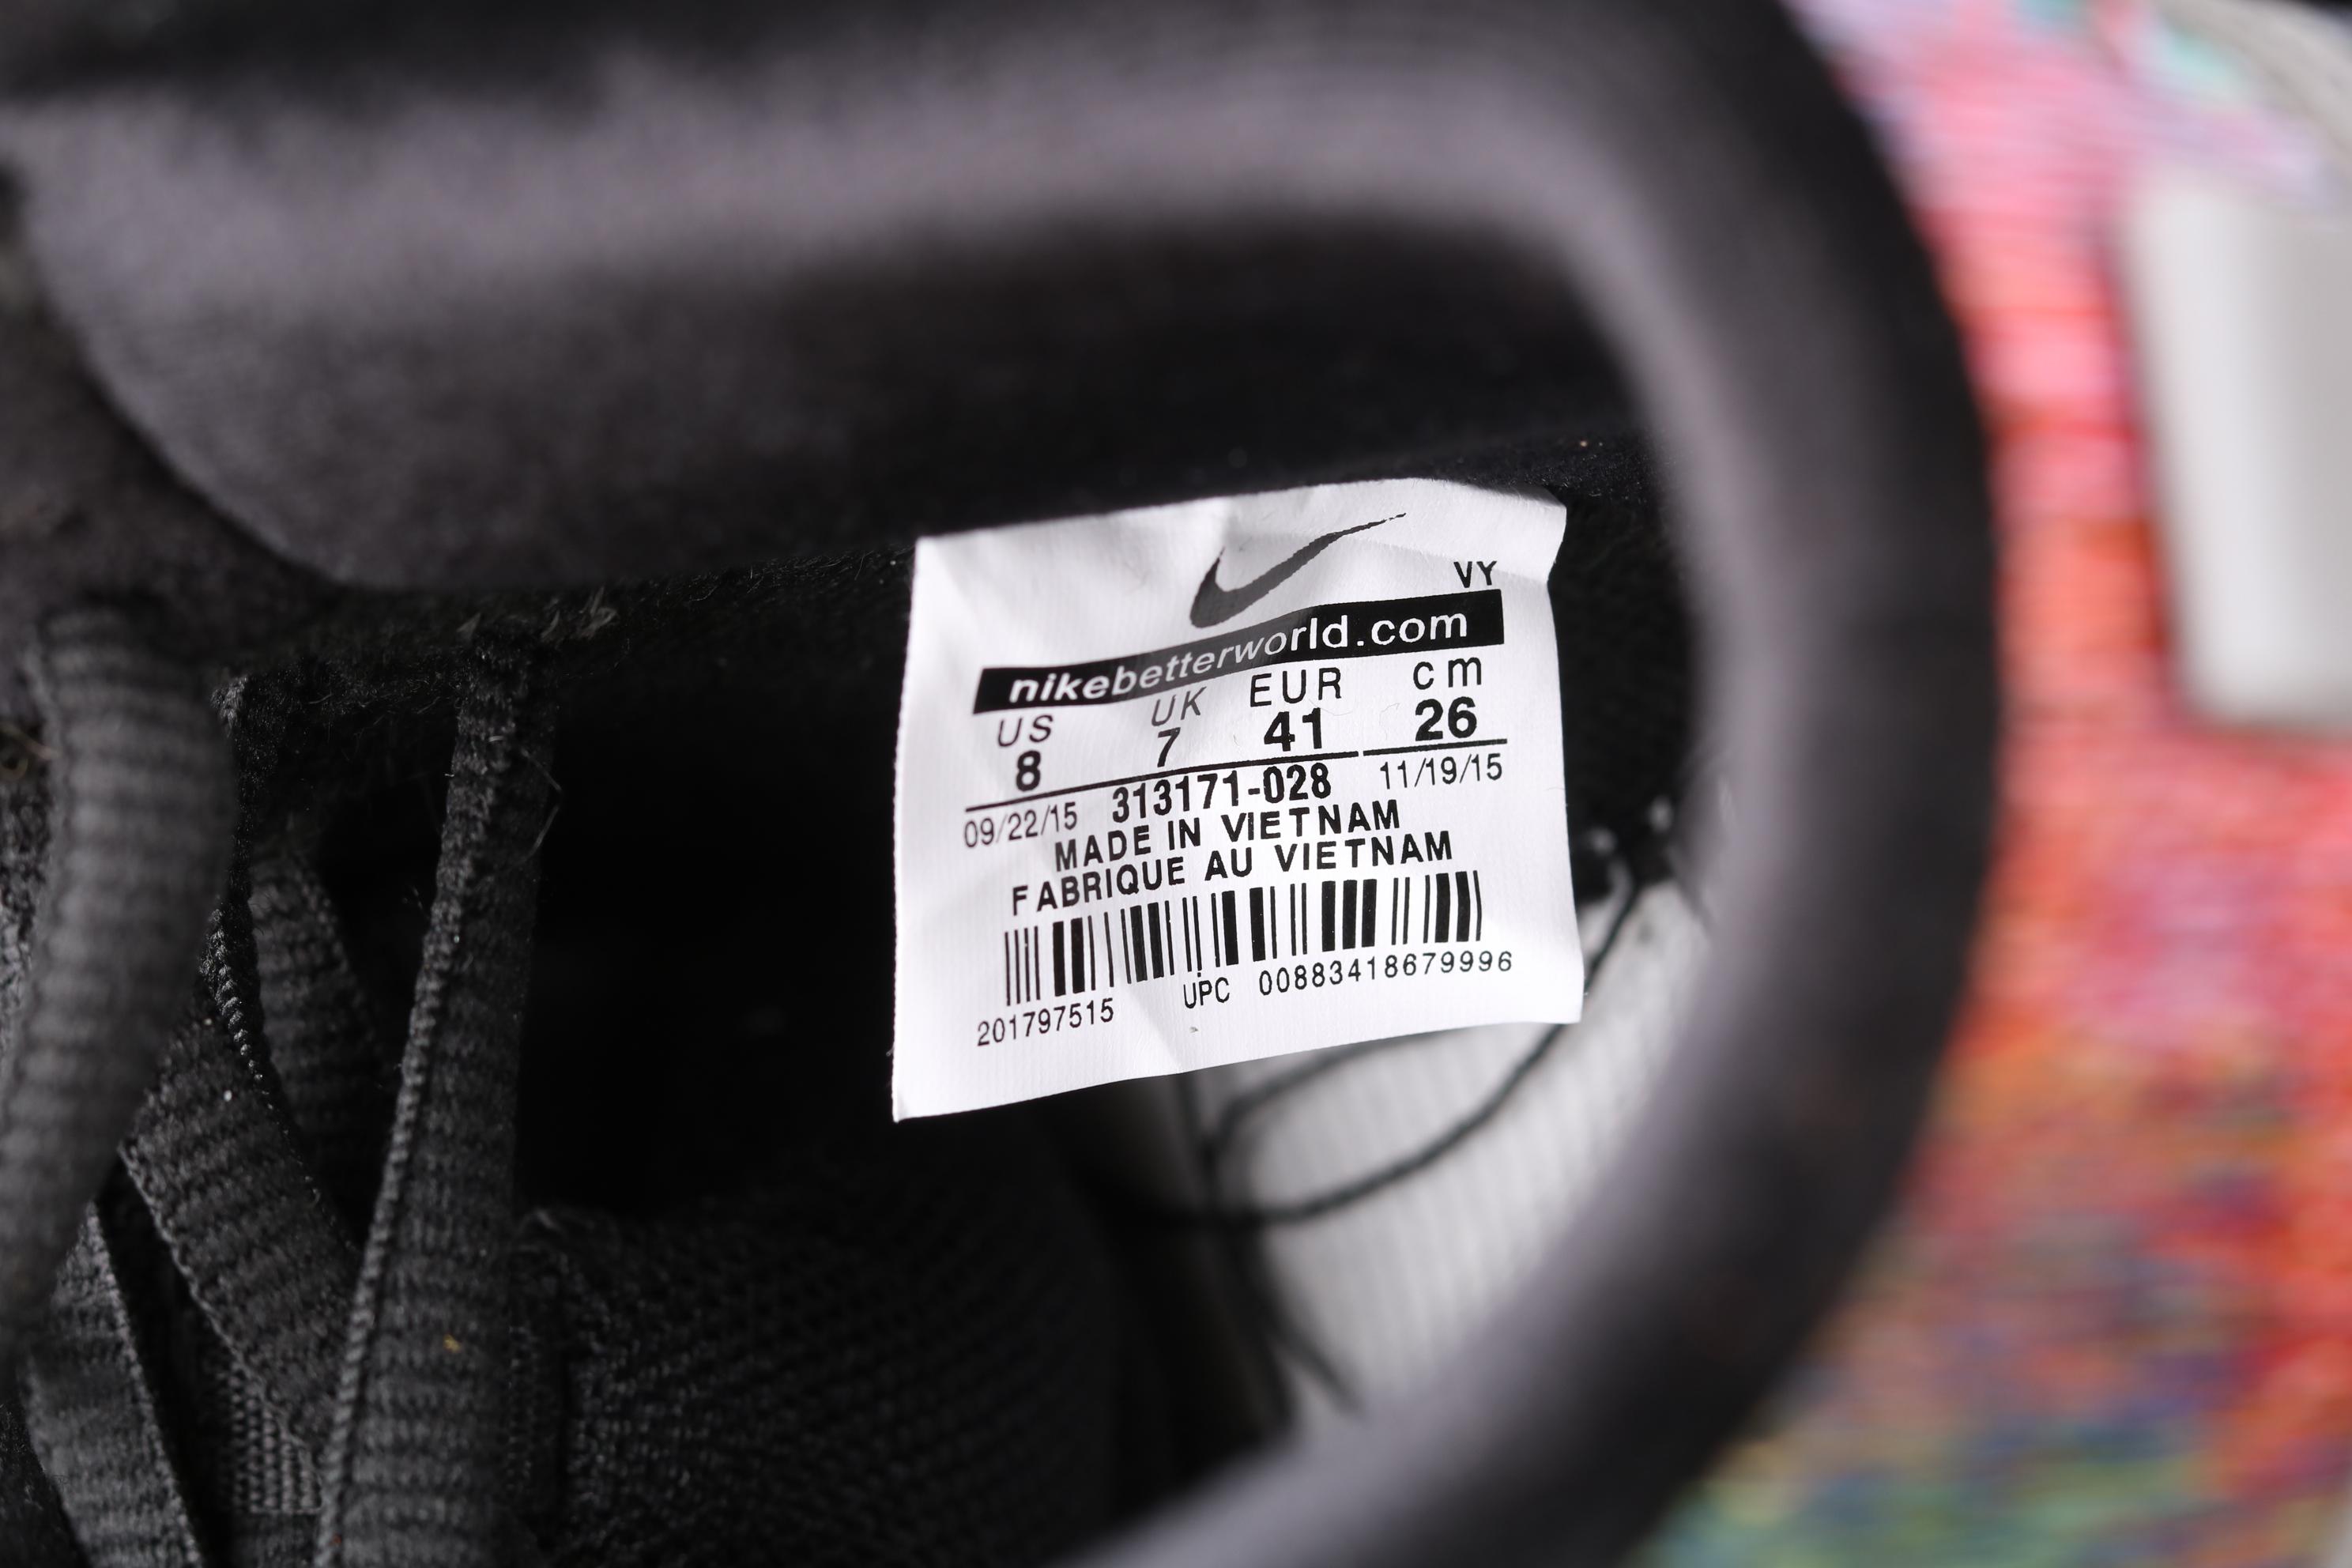 Nk SB Dunk High Trd SB扣碎篮板时尚休闲板鞋 313171-028